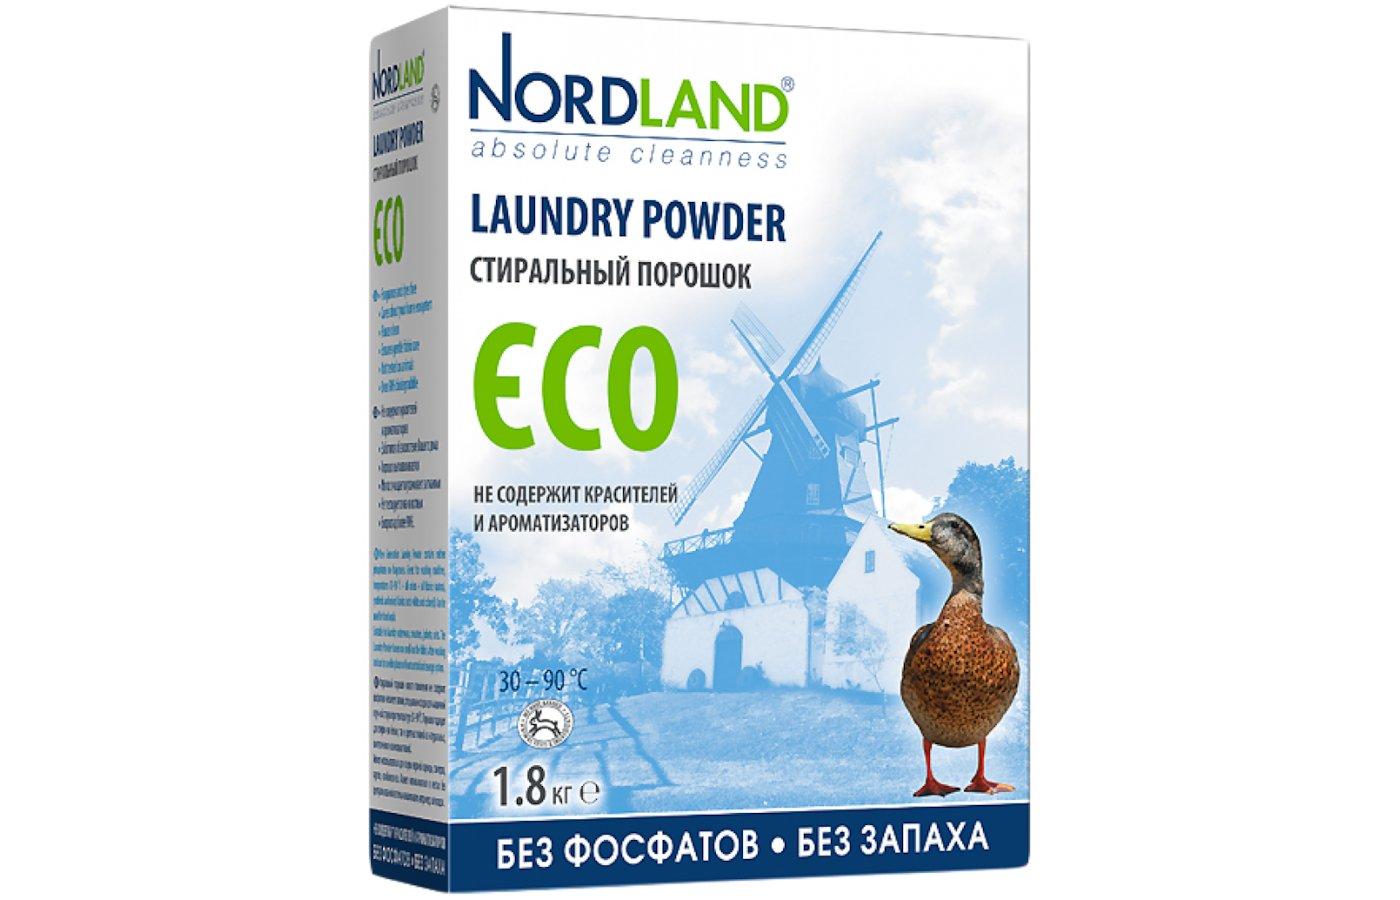 Средства для стирки и от накипи NORDLAND 104467 стиральный порошок ECO (без фосфатов) 1.8кг